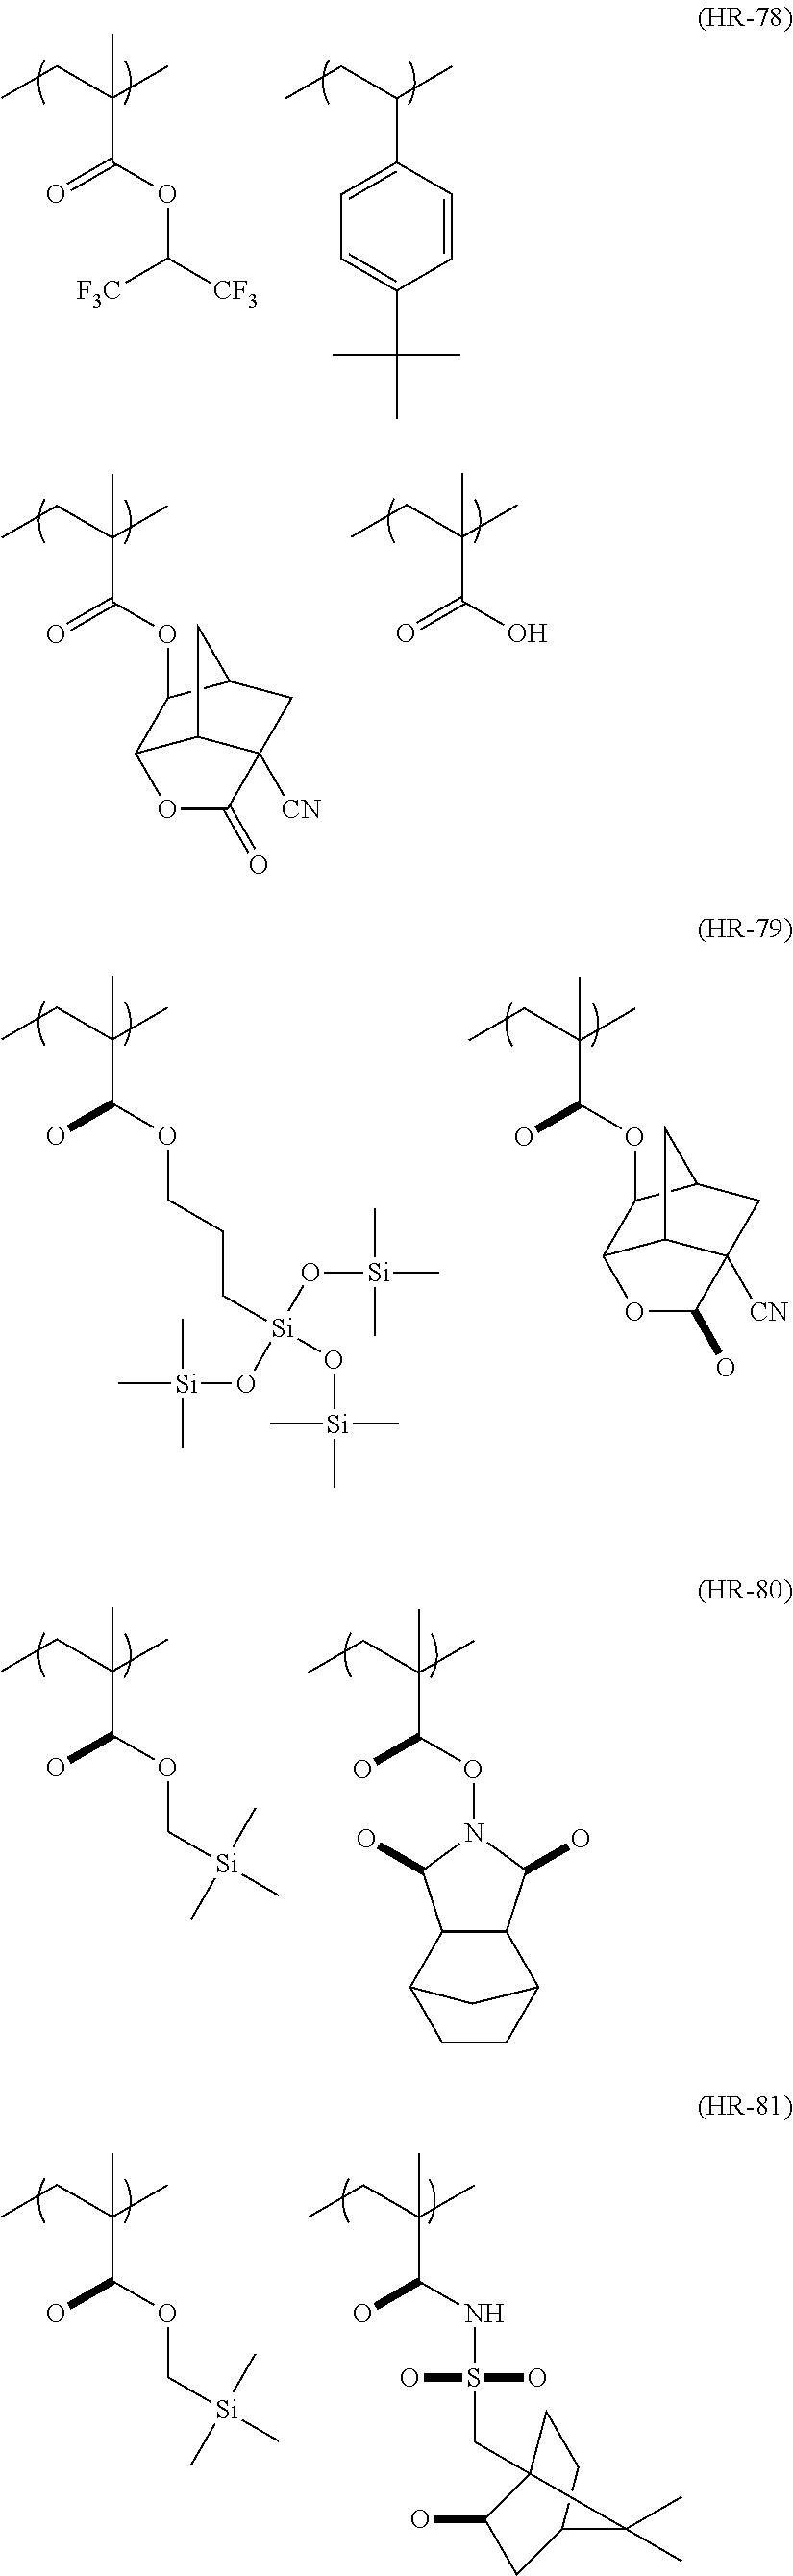 Figure US20110183258A1-20110728-C00128